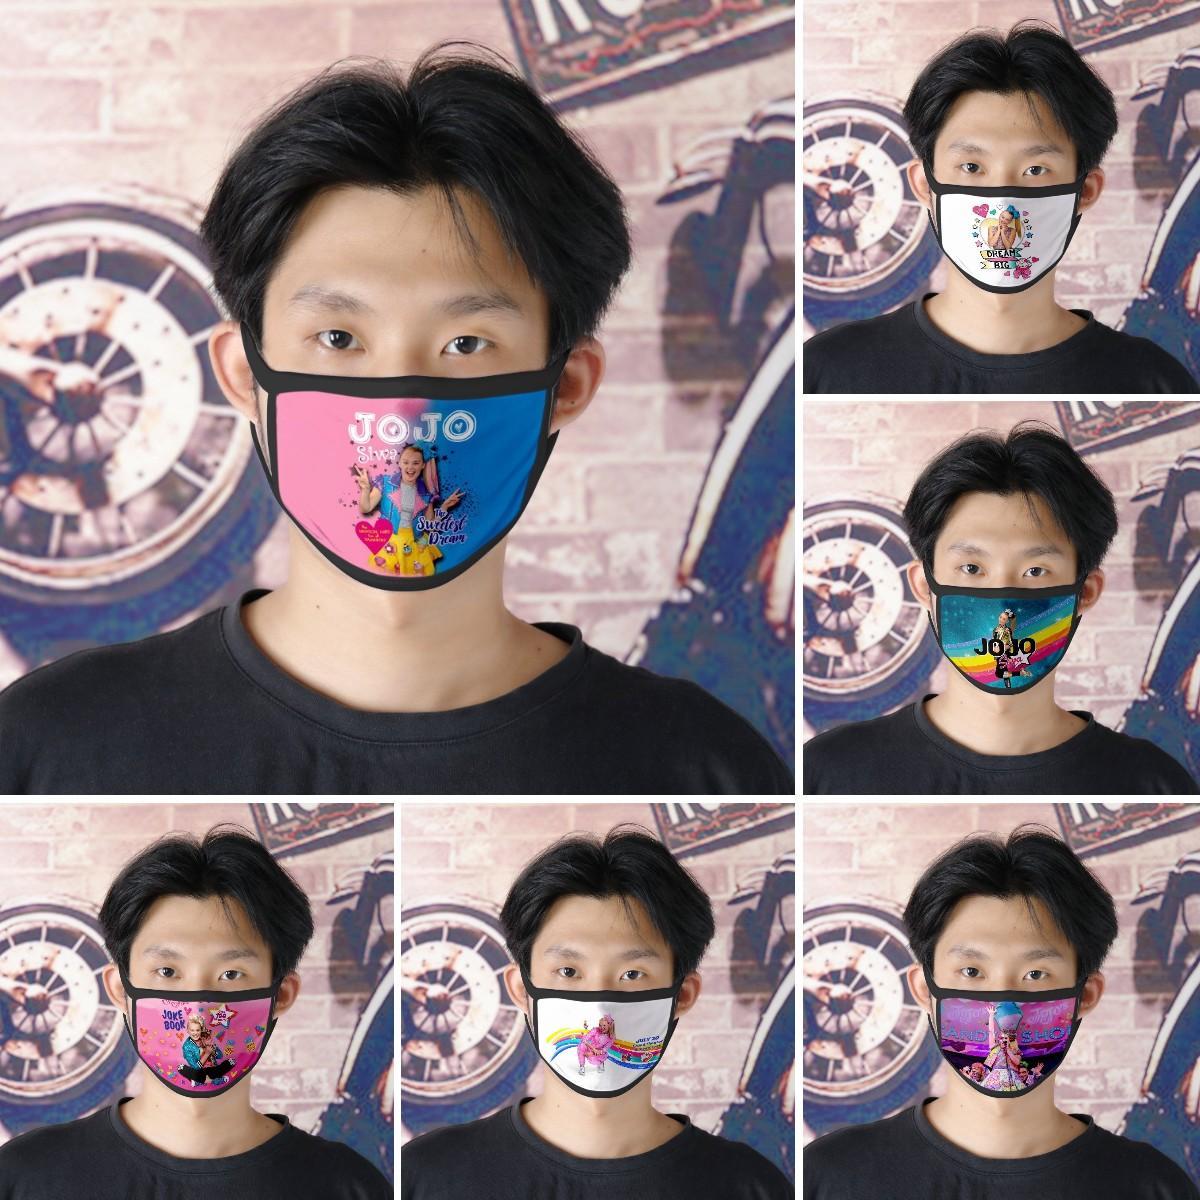 14 colores JoJo máscara de boca de un adulto Kids Fun boca de mufla Máscara reutilizable polvo caliente a prueba de viento Algodón Máscara KHA631